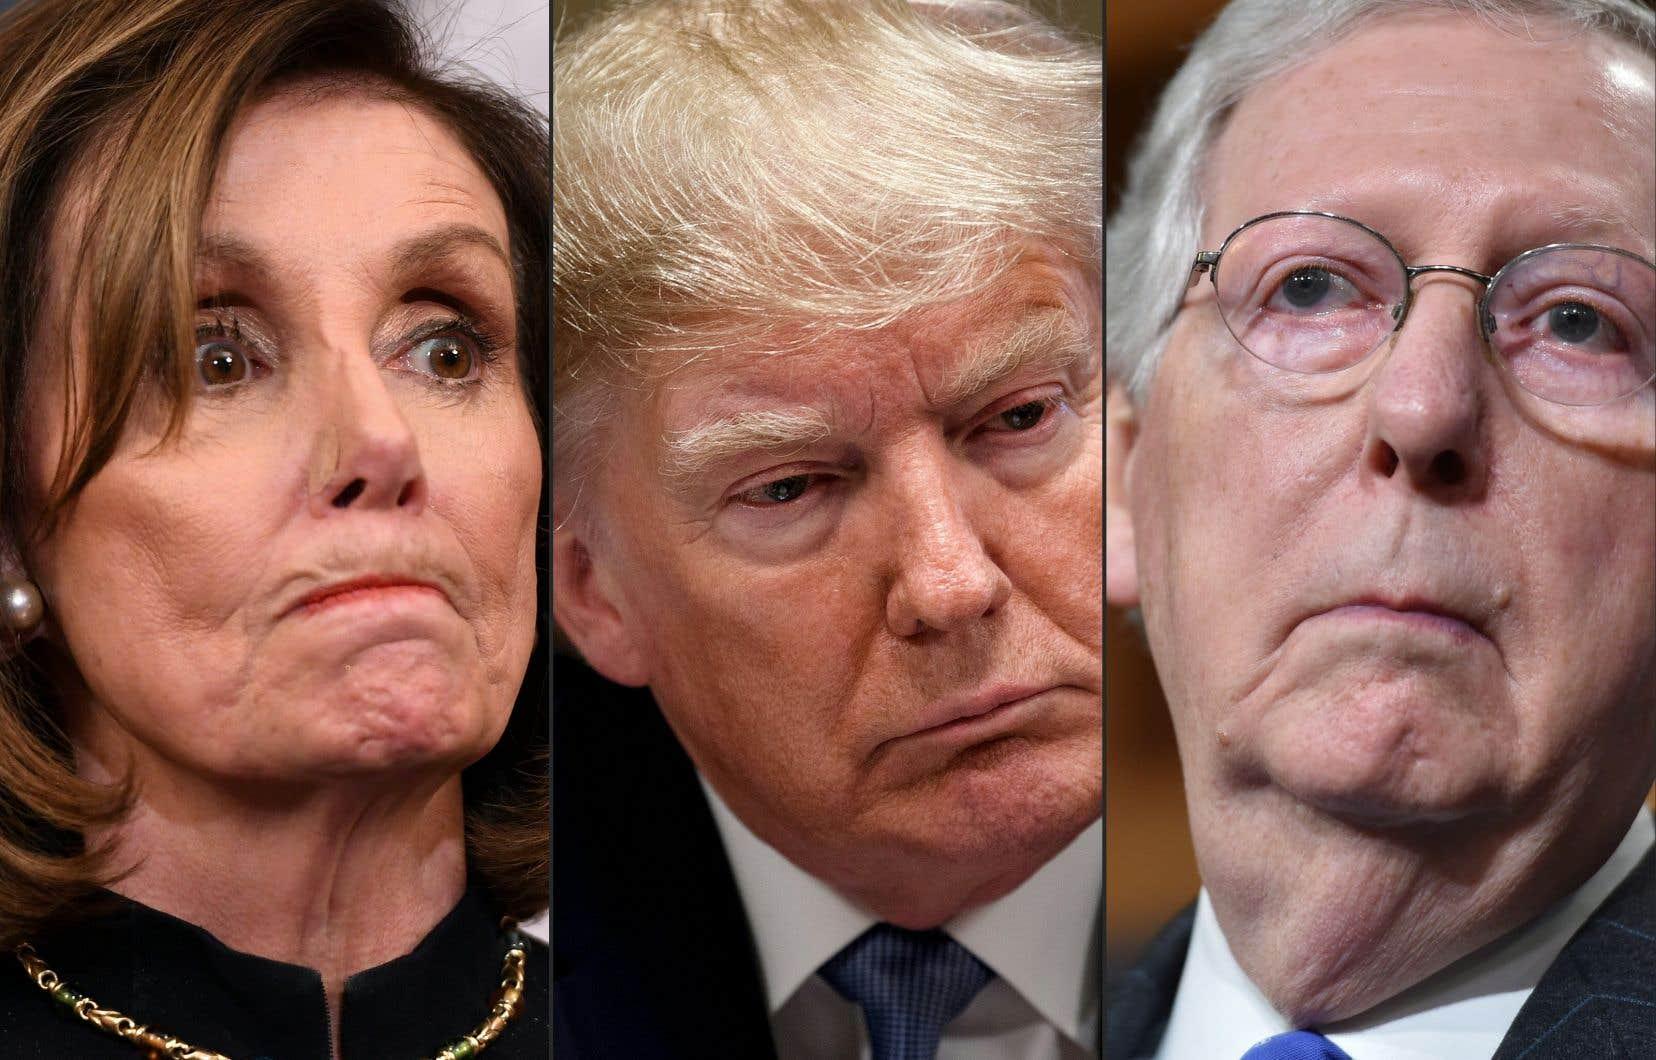 La démocrate Nancy Pelosi et le républicain Mitch McConnell ont poursuivi lundi leur bras de fer sur les modalités du procès en destitution de Donald Trump (au centre).